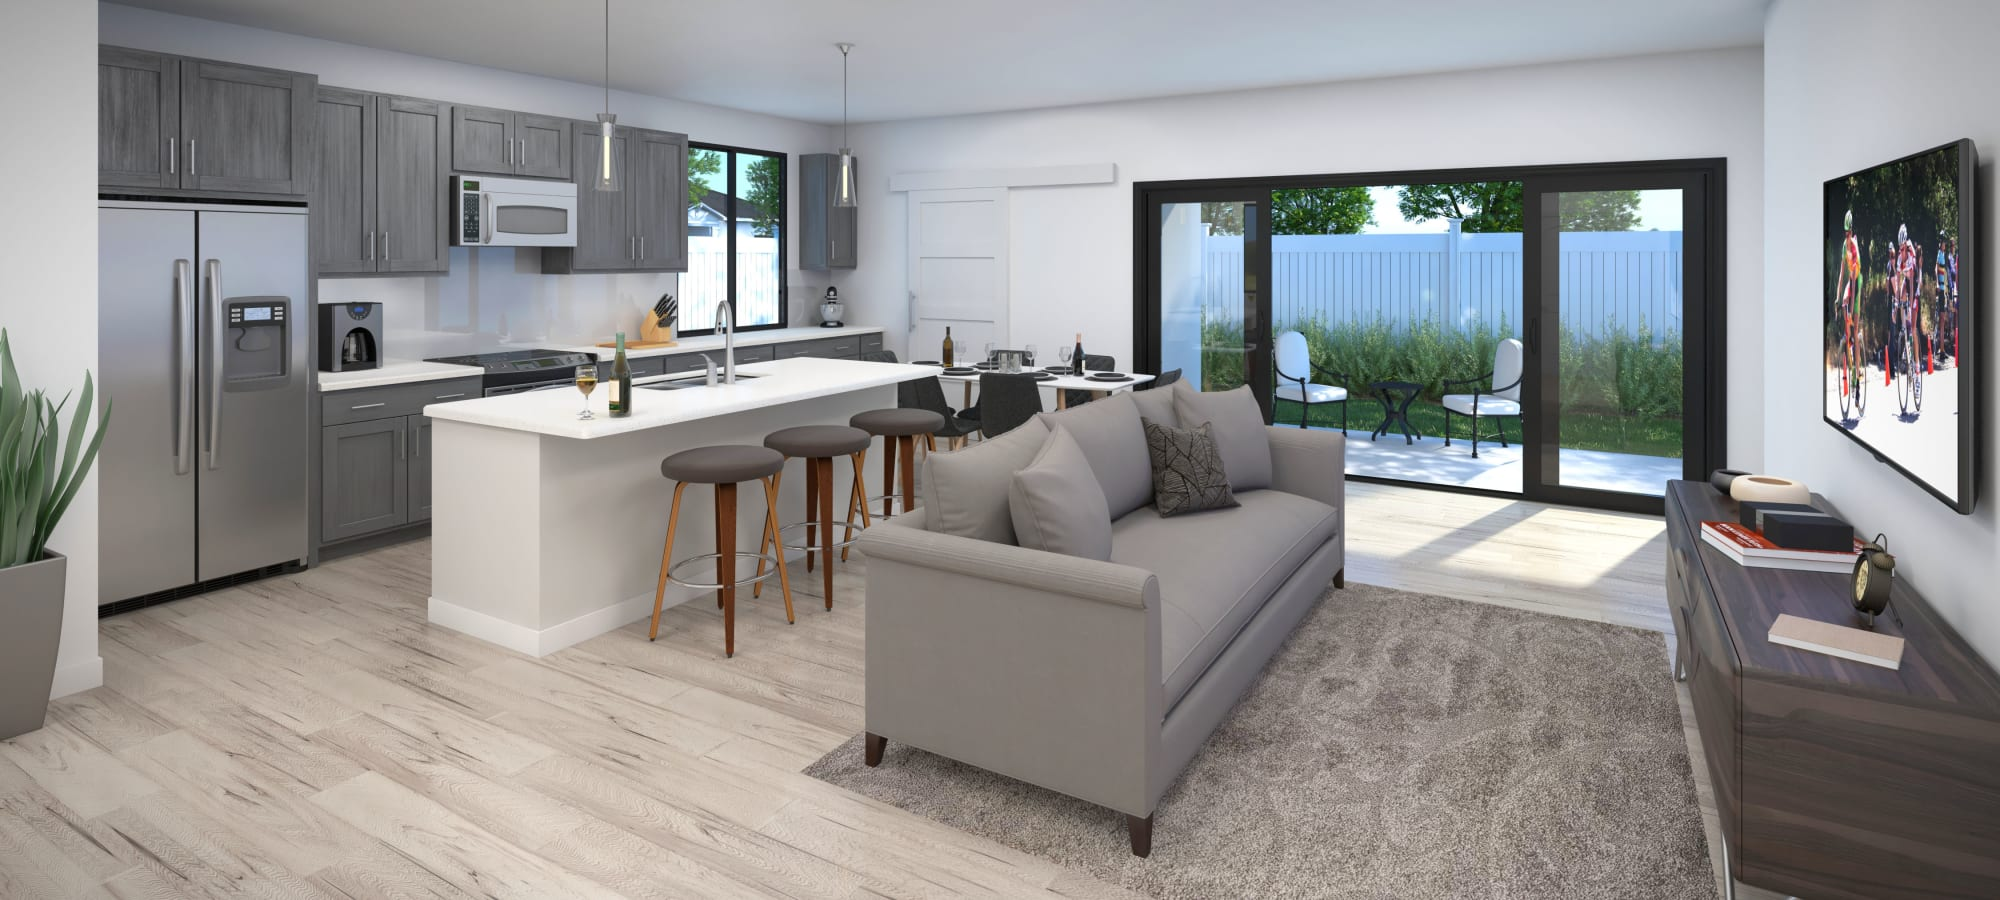 Interior rendering of EVR Spur Cross home in Queen Creek, Arizona